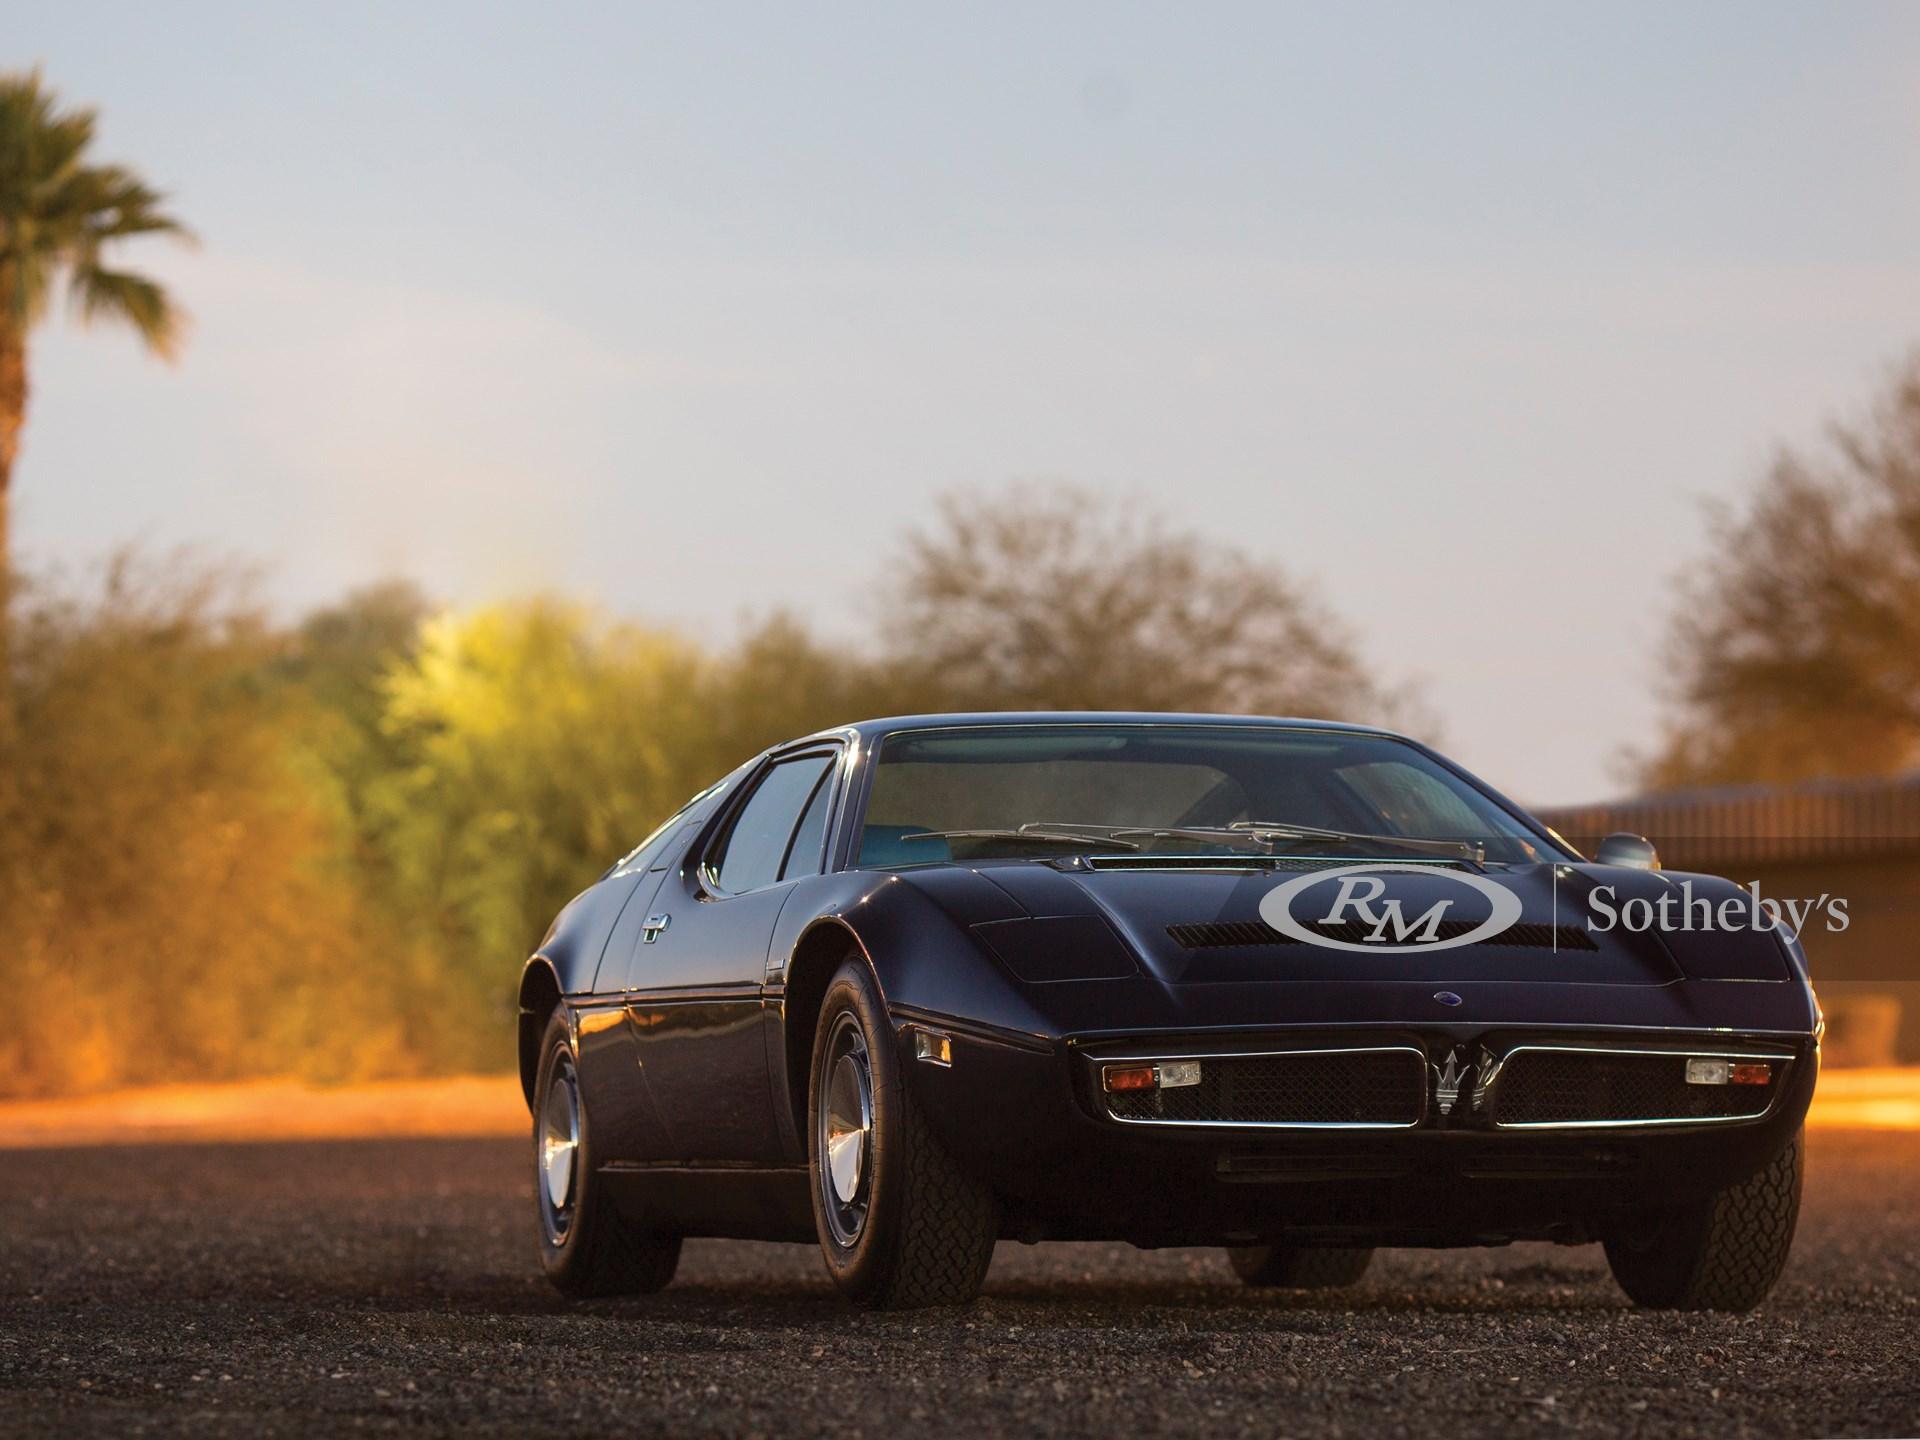 1975 Maserati Bora 4.9 | Arizona 2017 | RM Sotheby's